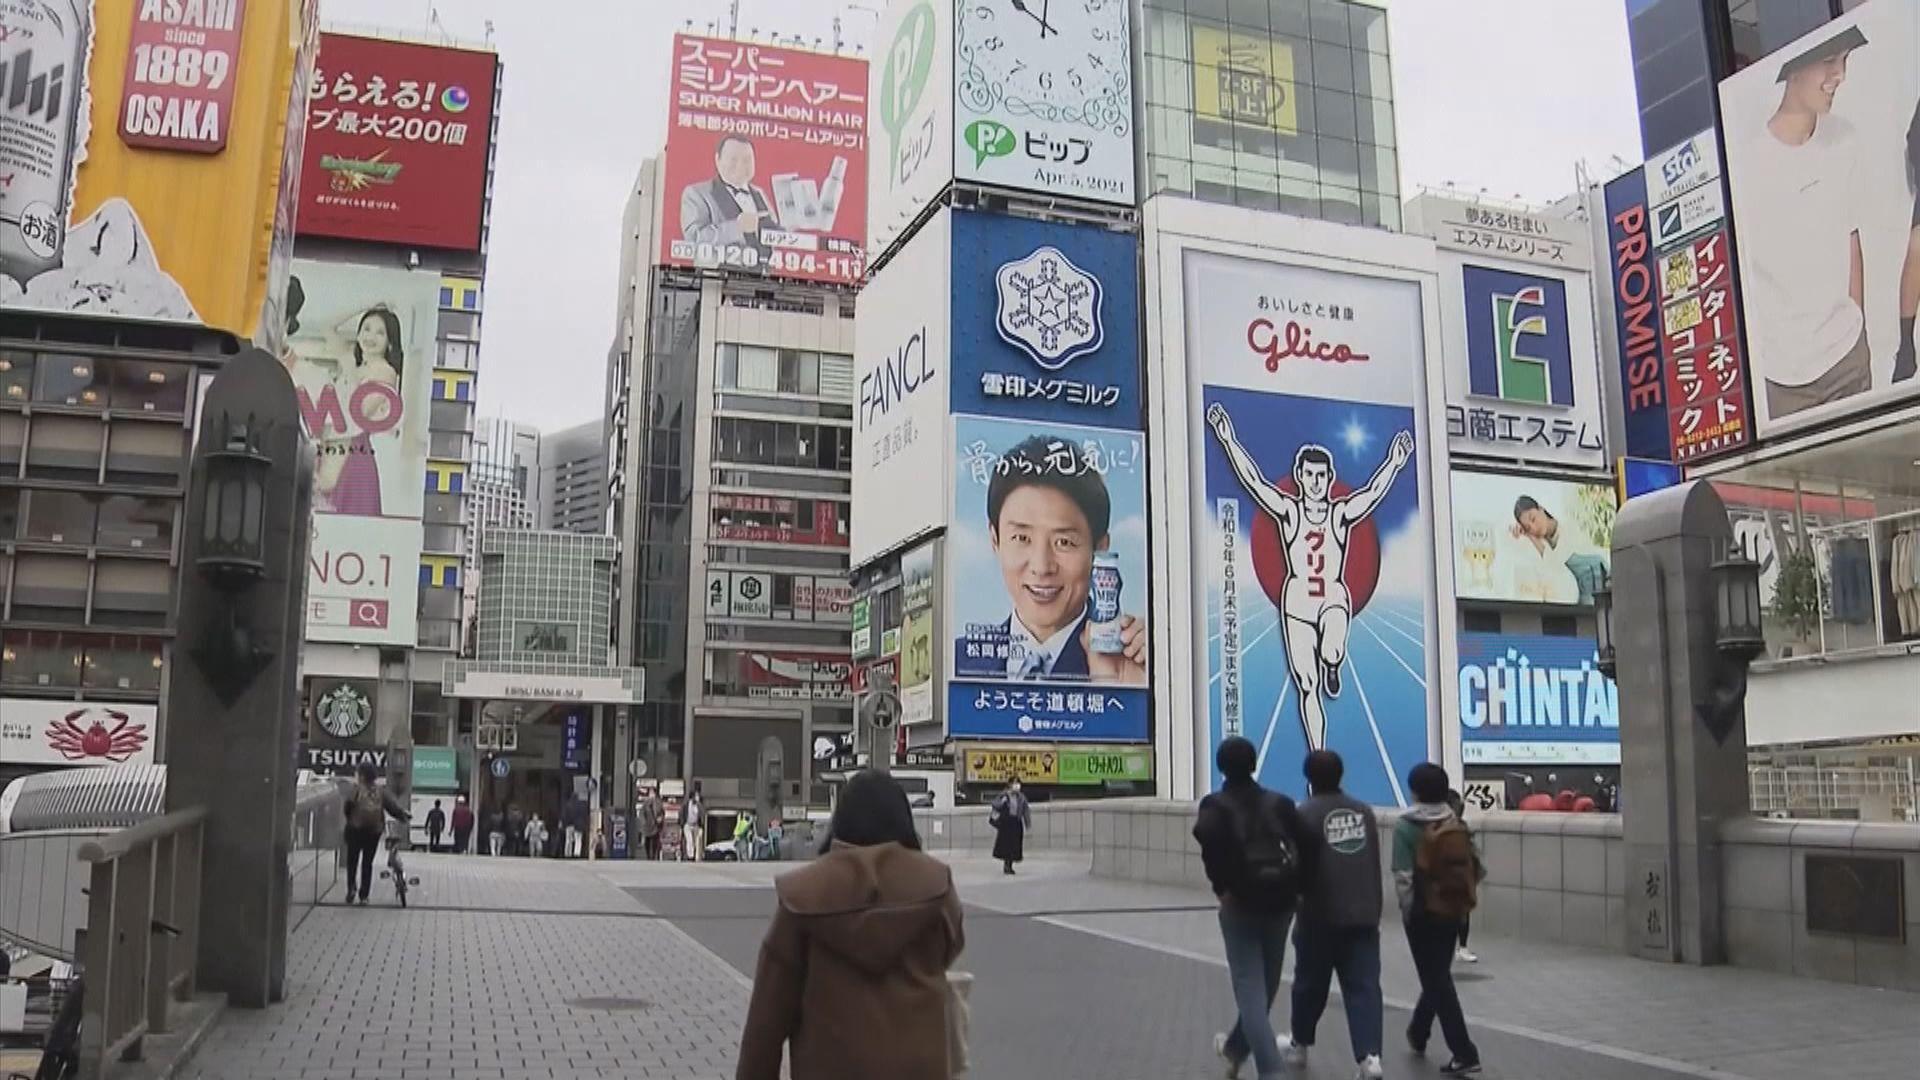 【疫情反彈】日本將對東京都大阪府等發布緊急事態宣言